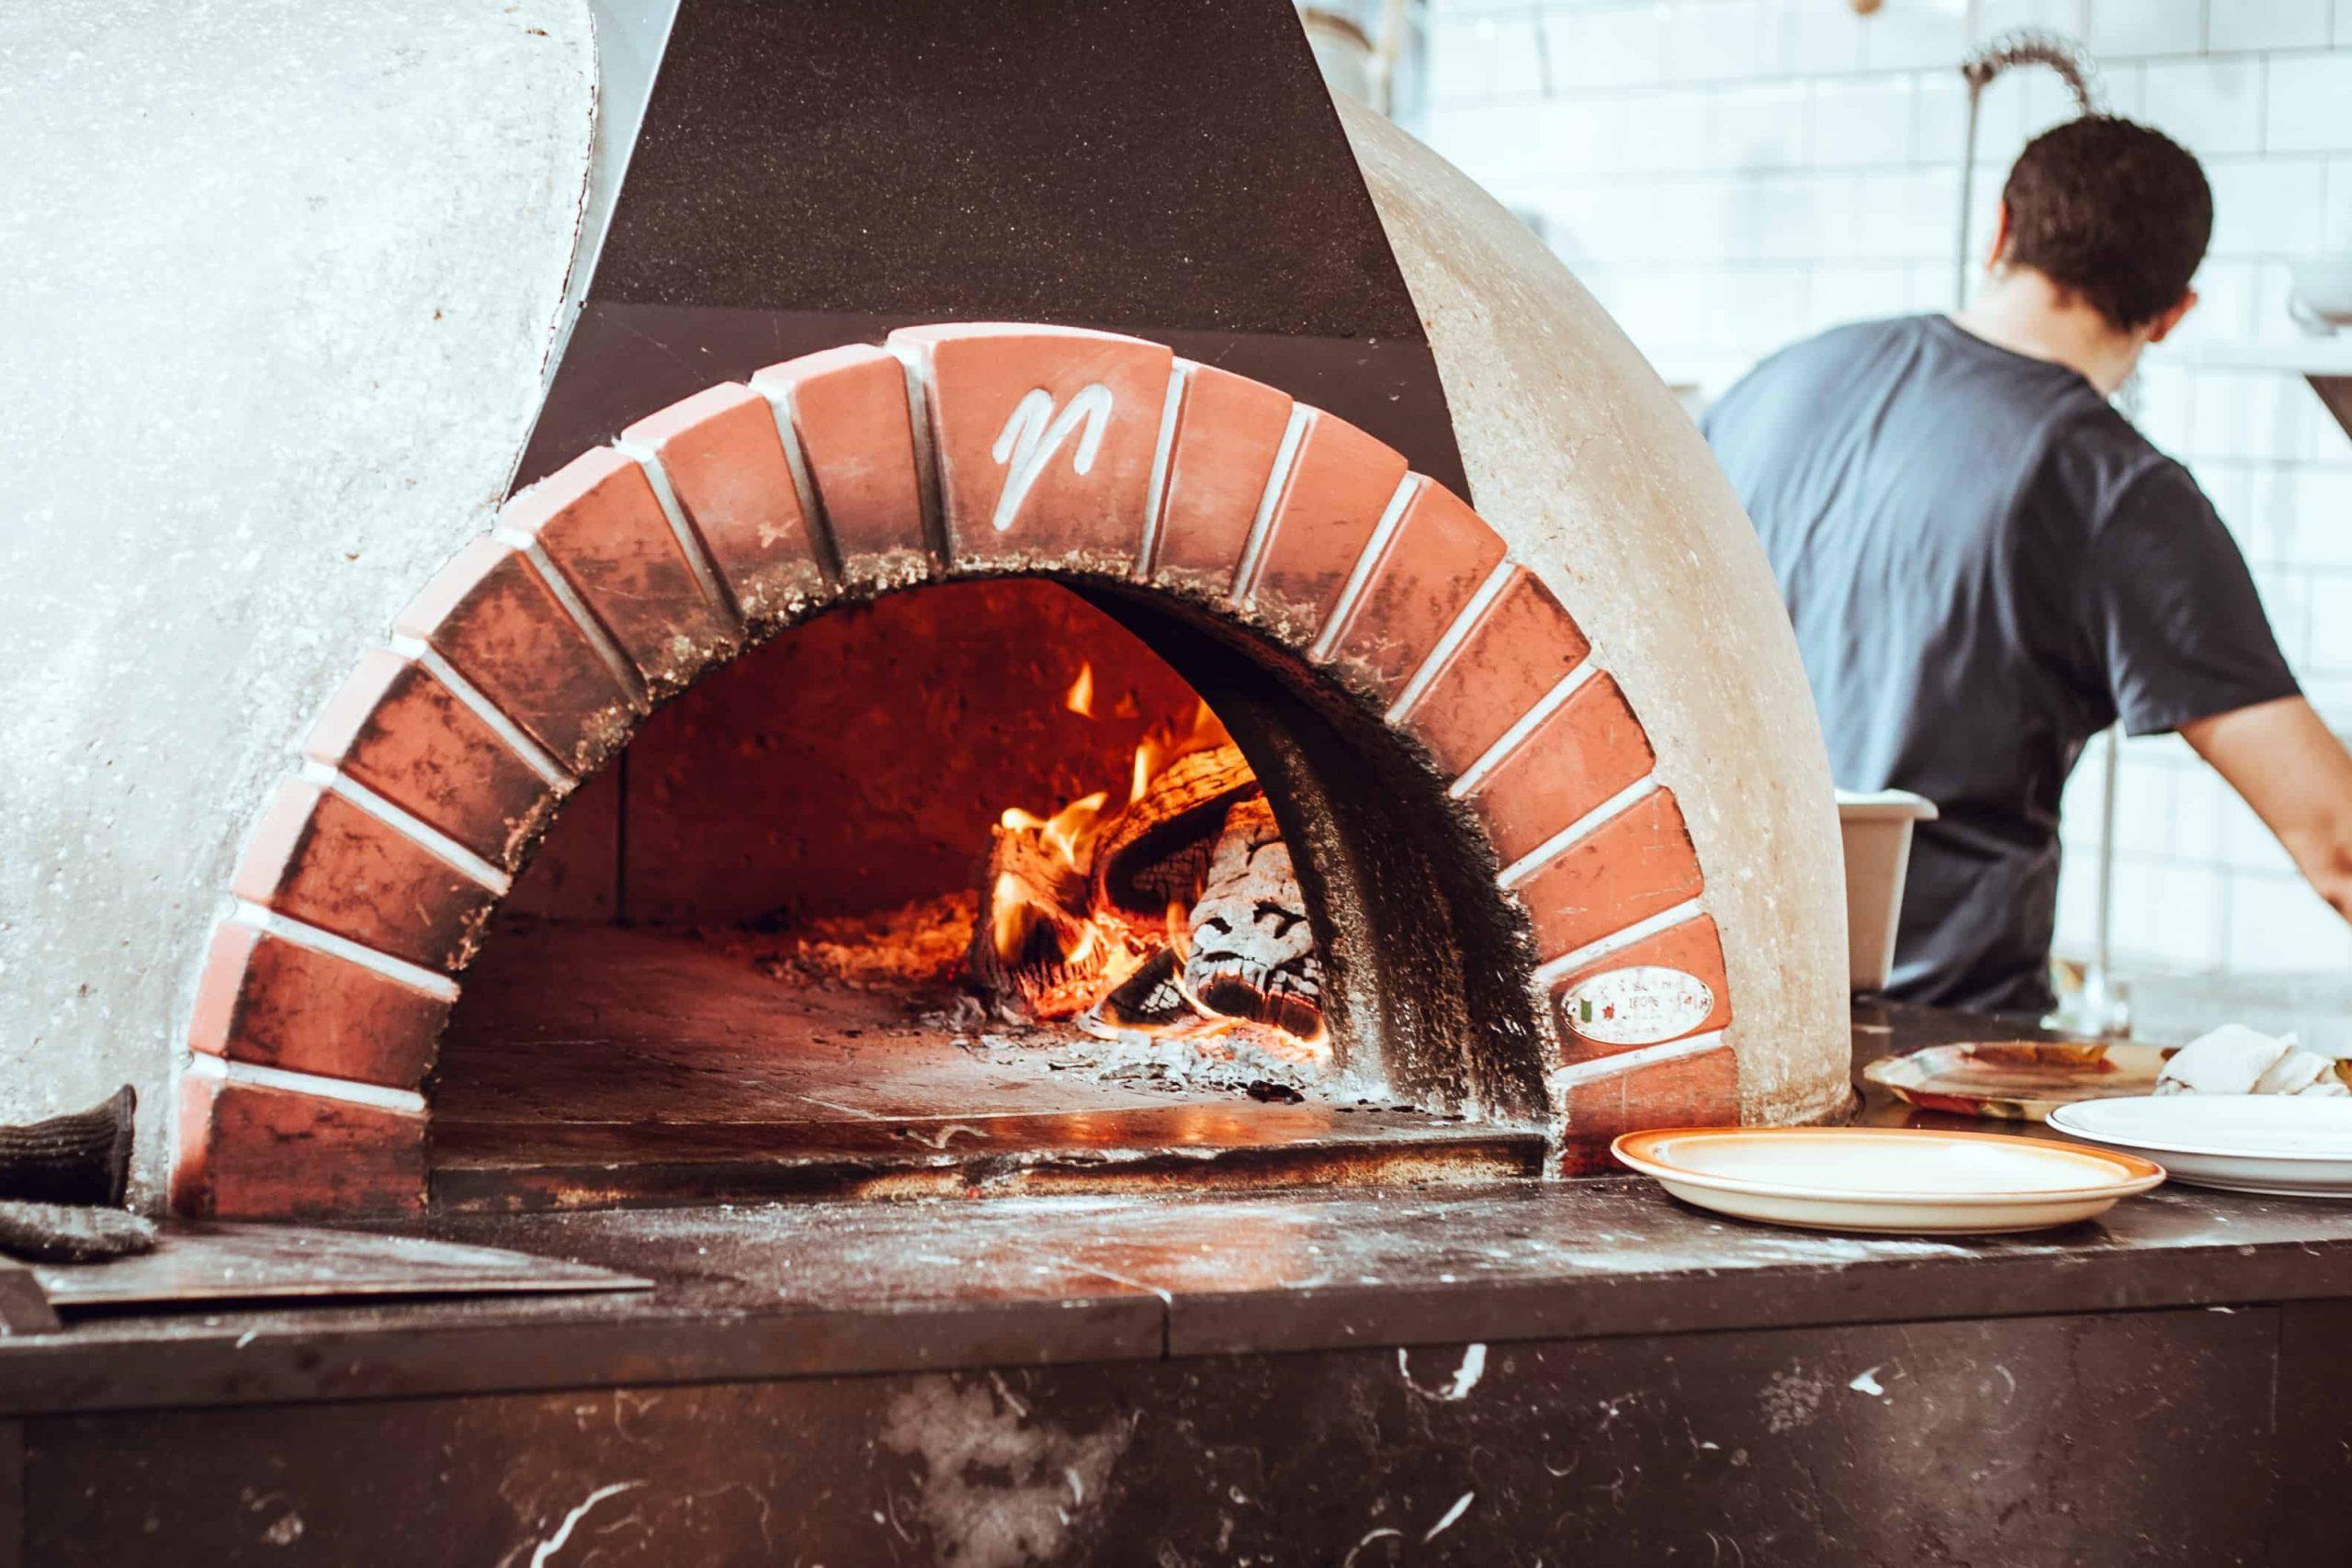 Pizzaofen: Test & Empfehlungen (07/20)